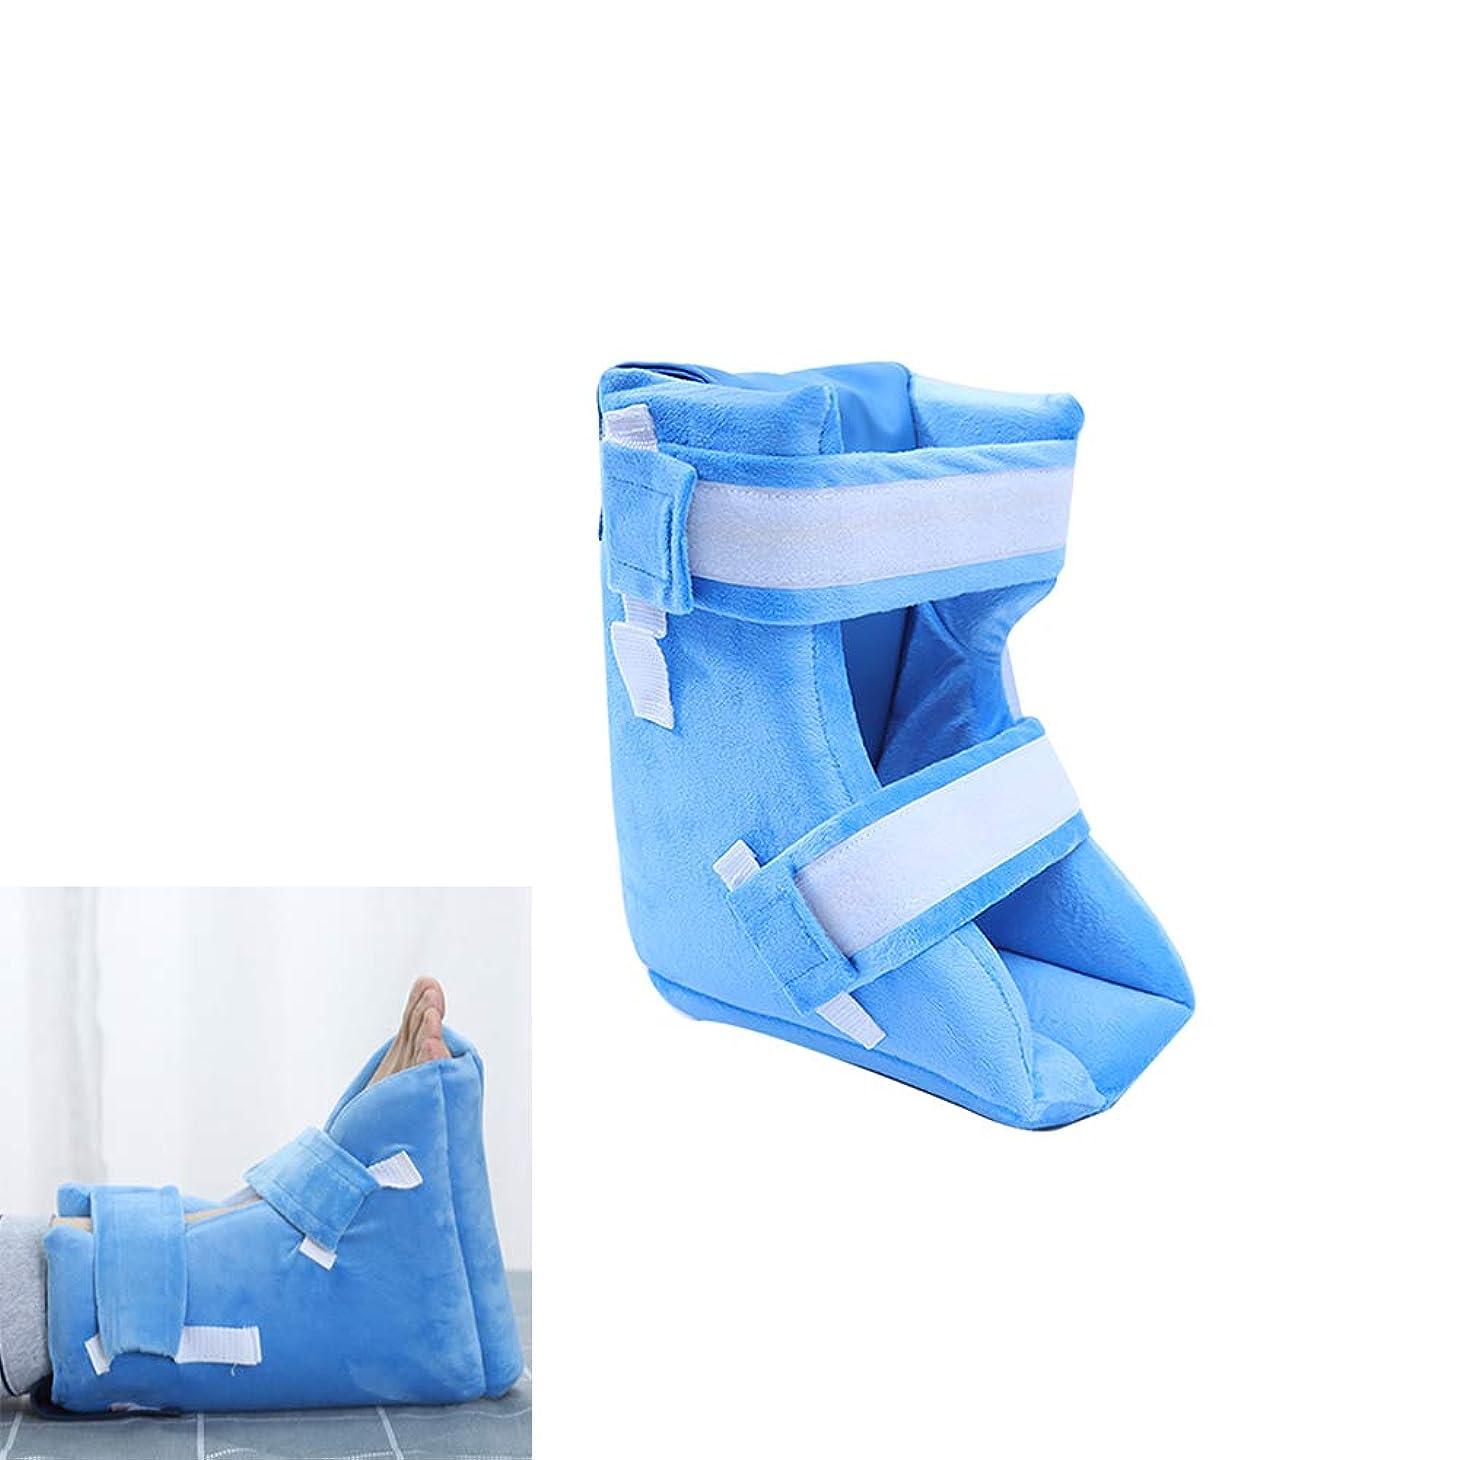 ヒールクッションプロテクター - 足枕パッド - ヒールと足首の保護ブーツガード - 足、肘、かかと - ベッド&褥瘡を保護します,2pcs